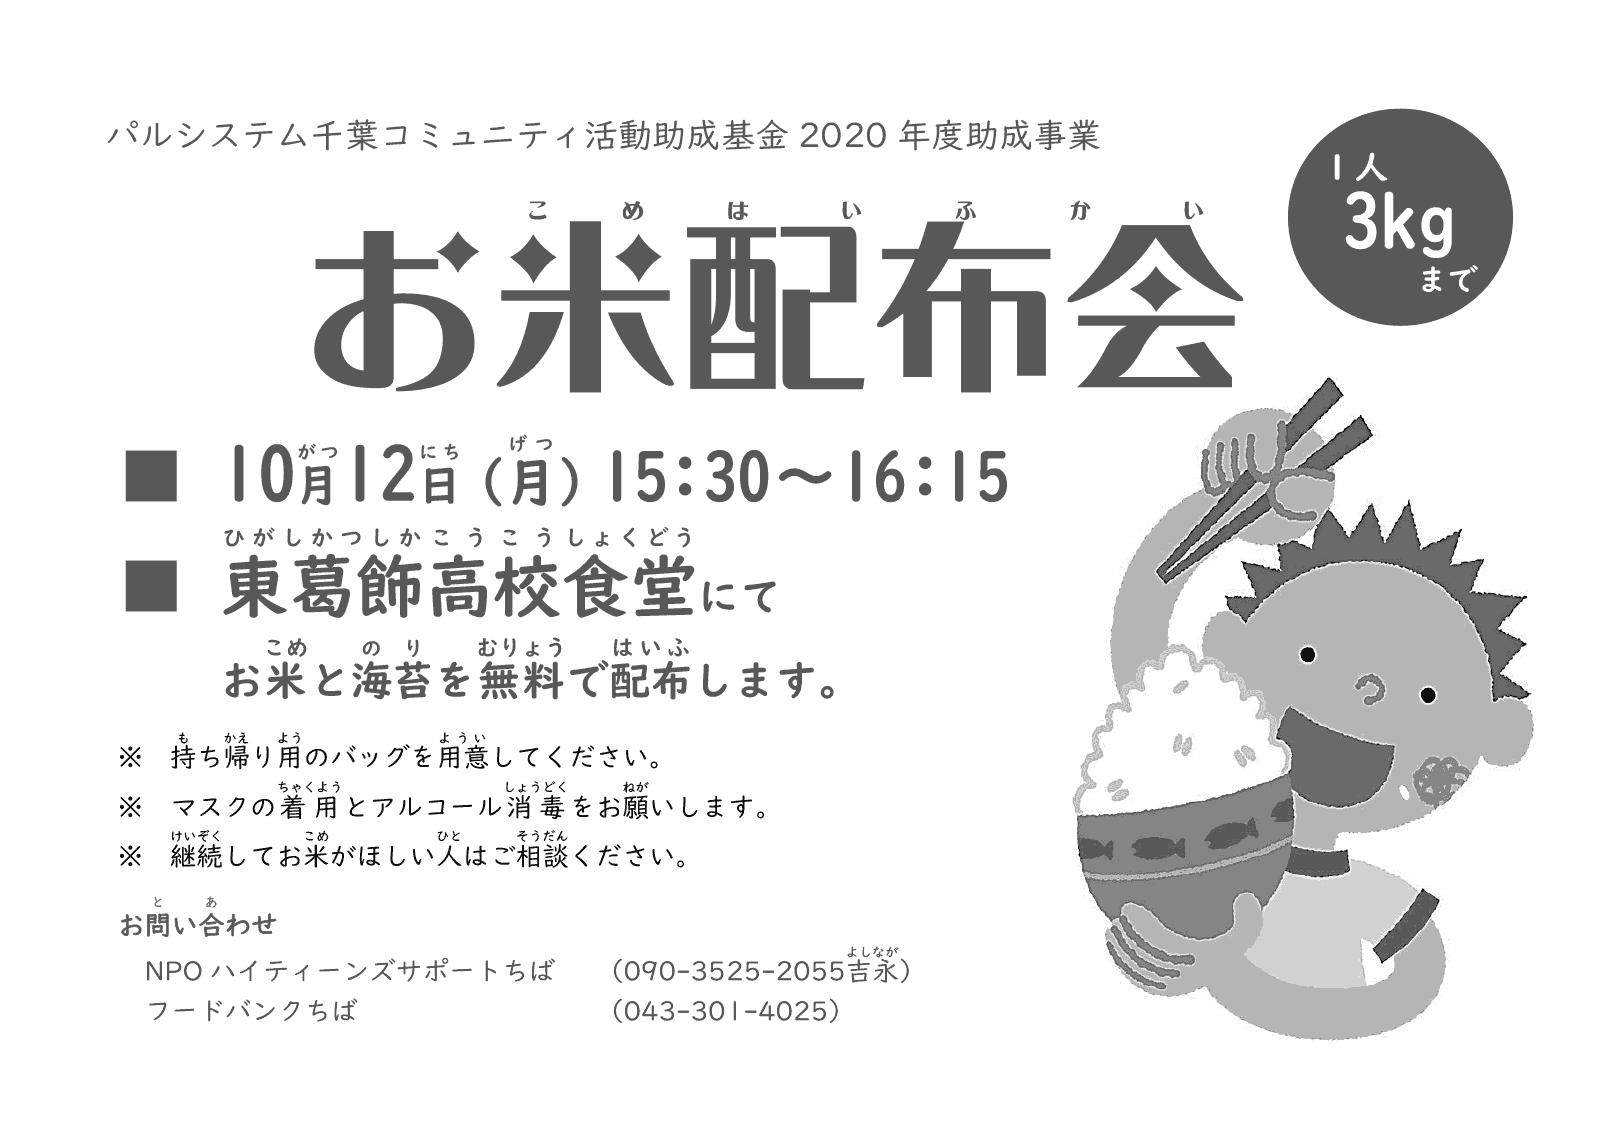 「お米配布会」2020年10月12日(月) 15:30〜16:15 東葛飾高校食堂